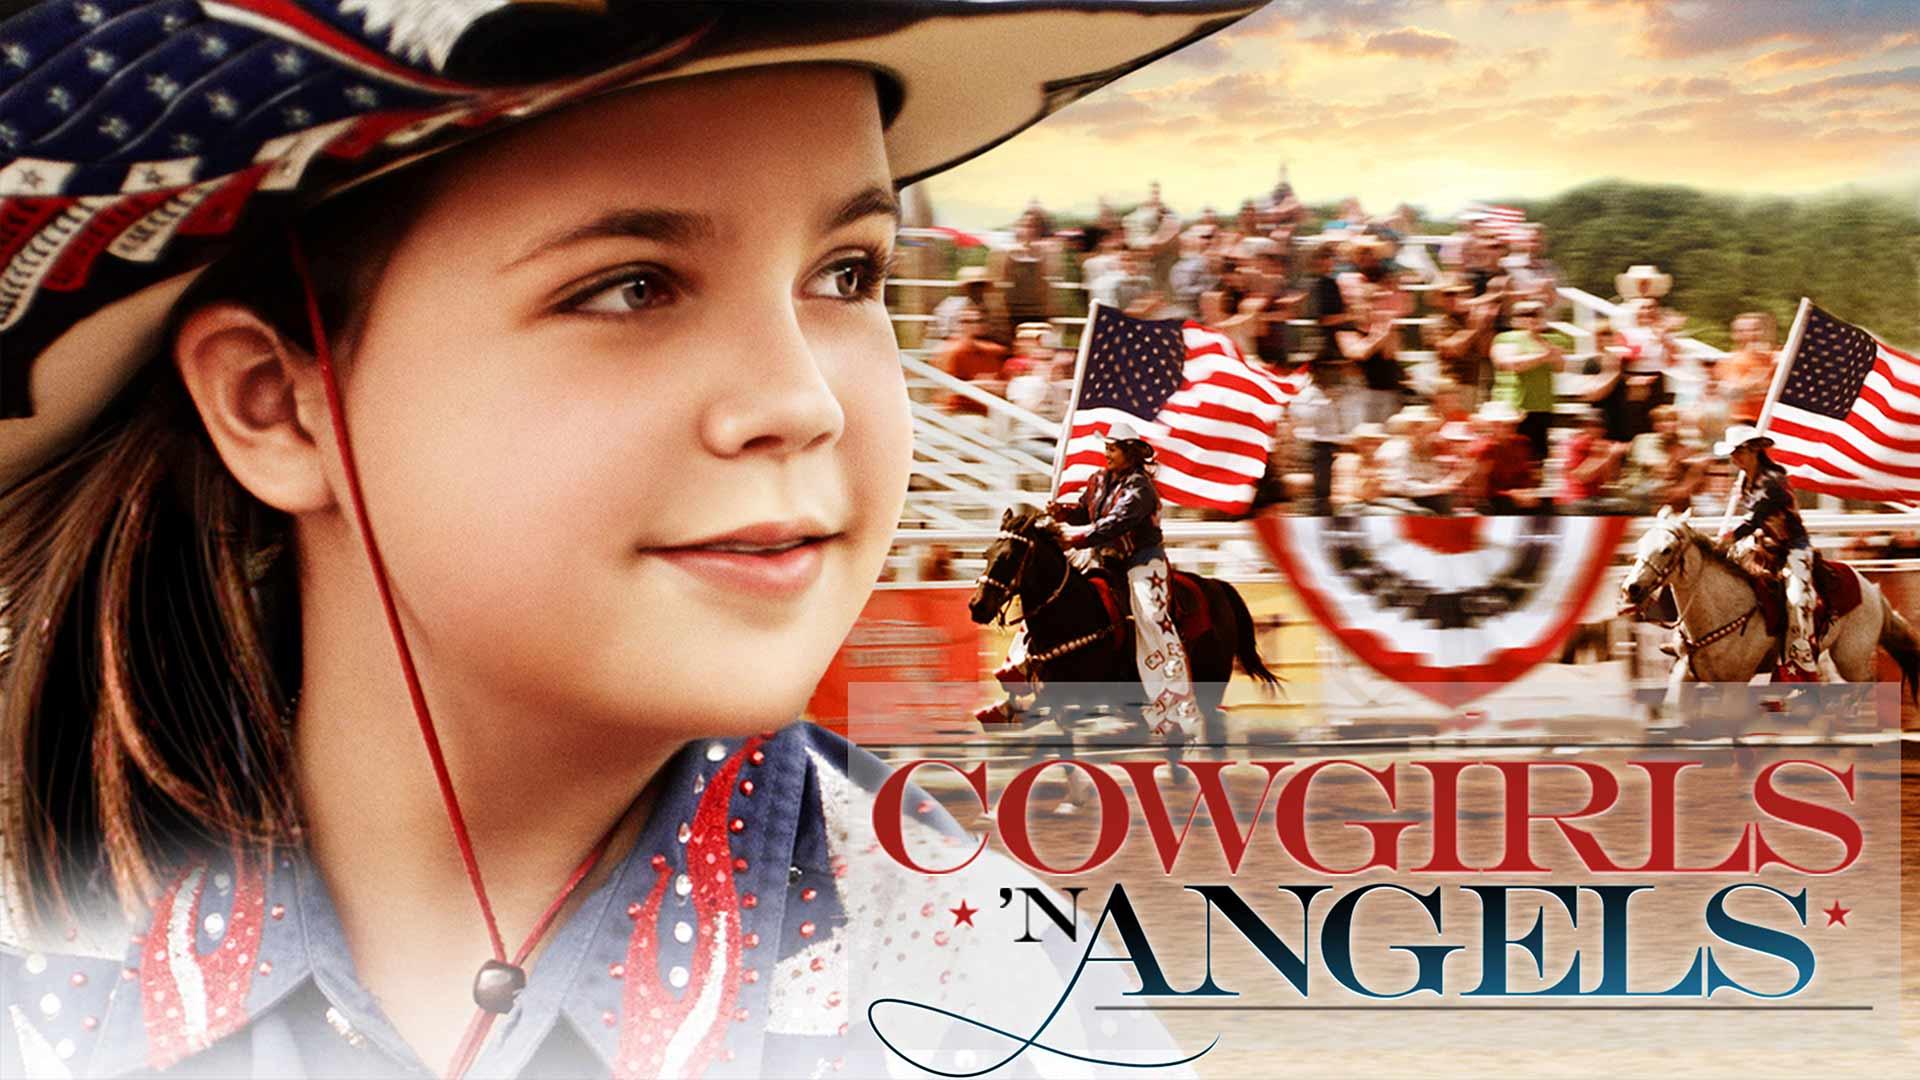 Cowgirls 'n Angels Trailer